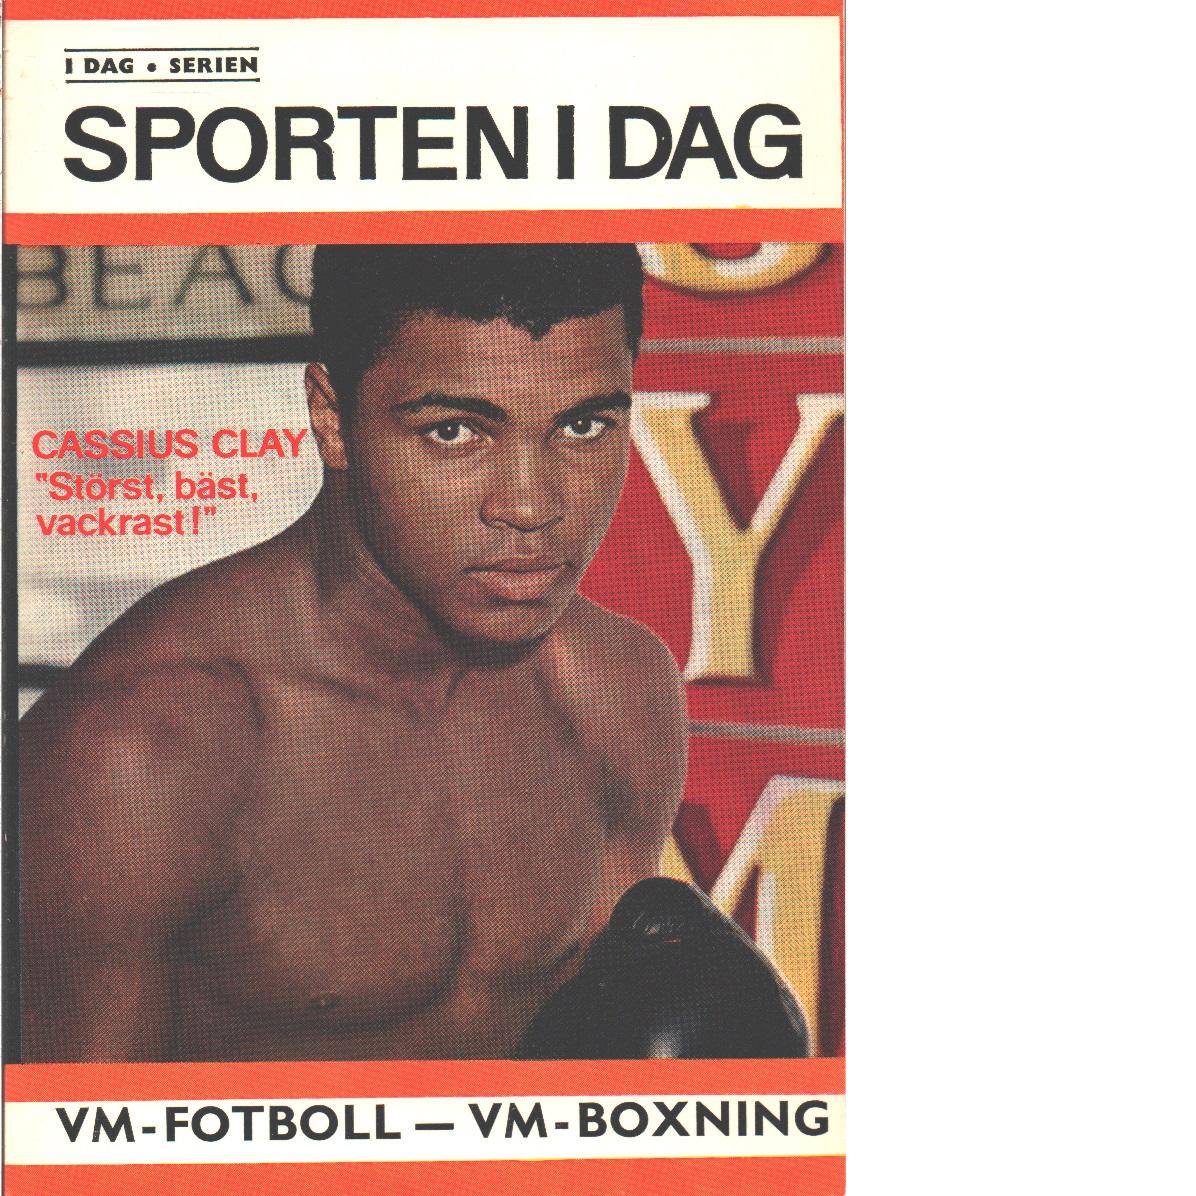 Sporten idag  1965-66 - Red.